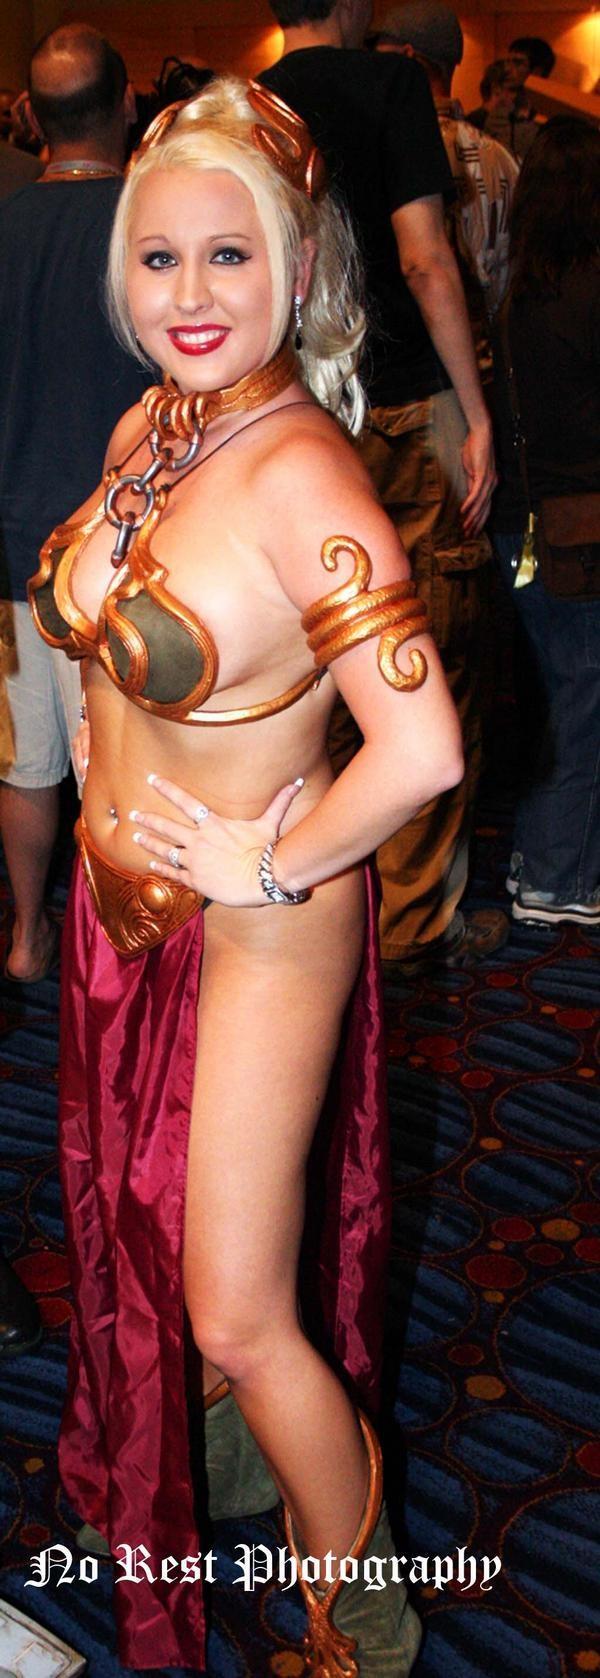 Dragon Con 2009 Atlanta, GA Nov 25, 2009 No Rest Photography Me as Slave Leia